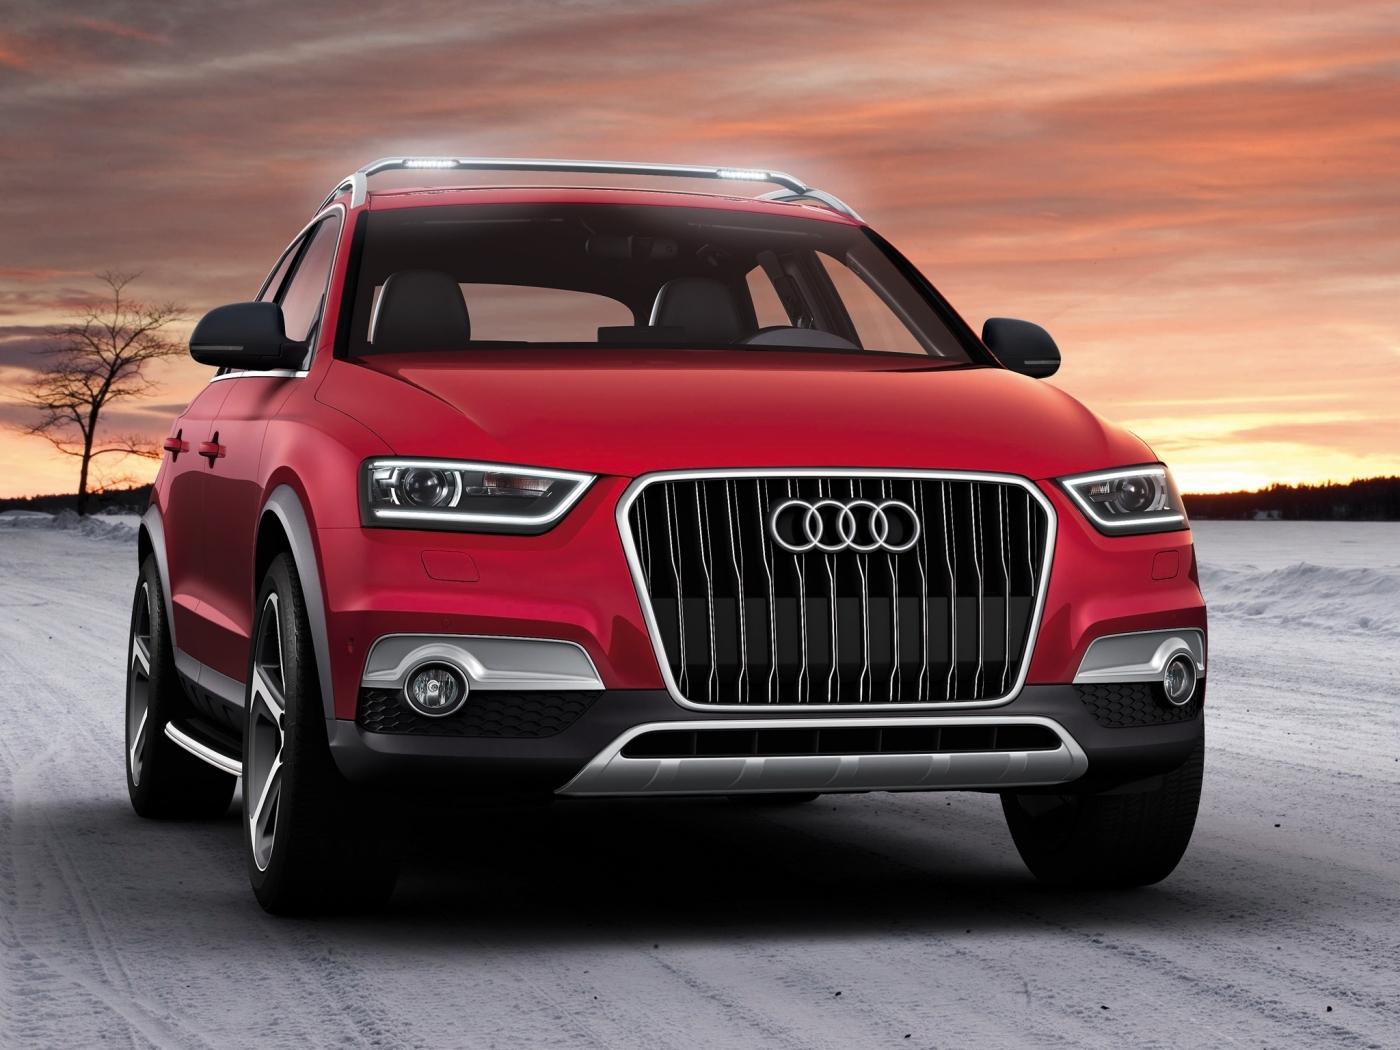 Скачать картинку Машины, Ауди (Audi), Транспорт в телефон бесплатно.